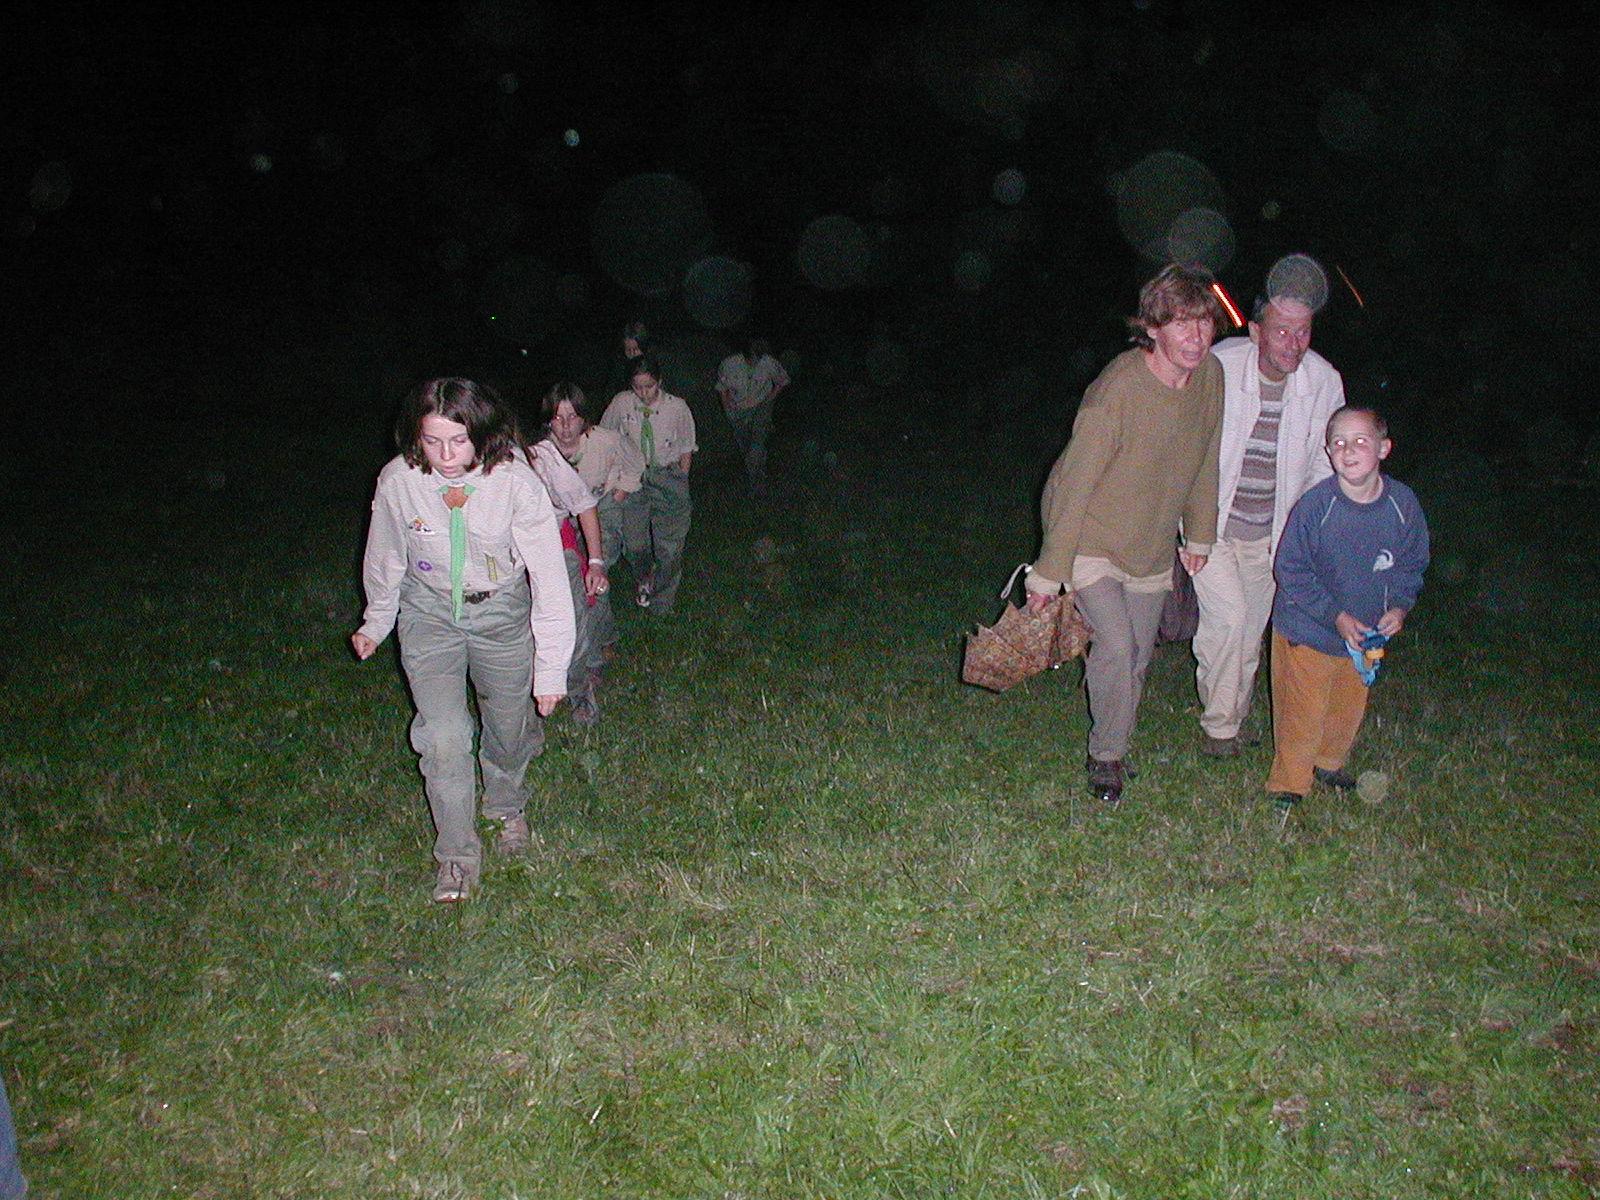 Gyurka bá Hanna nénivel és Bencével a 2002-es máriaforrási esőtáborban